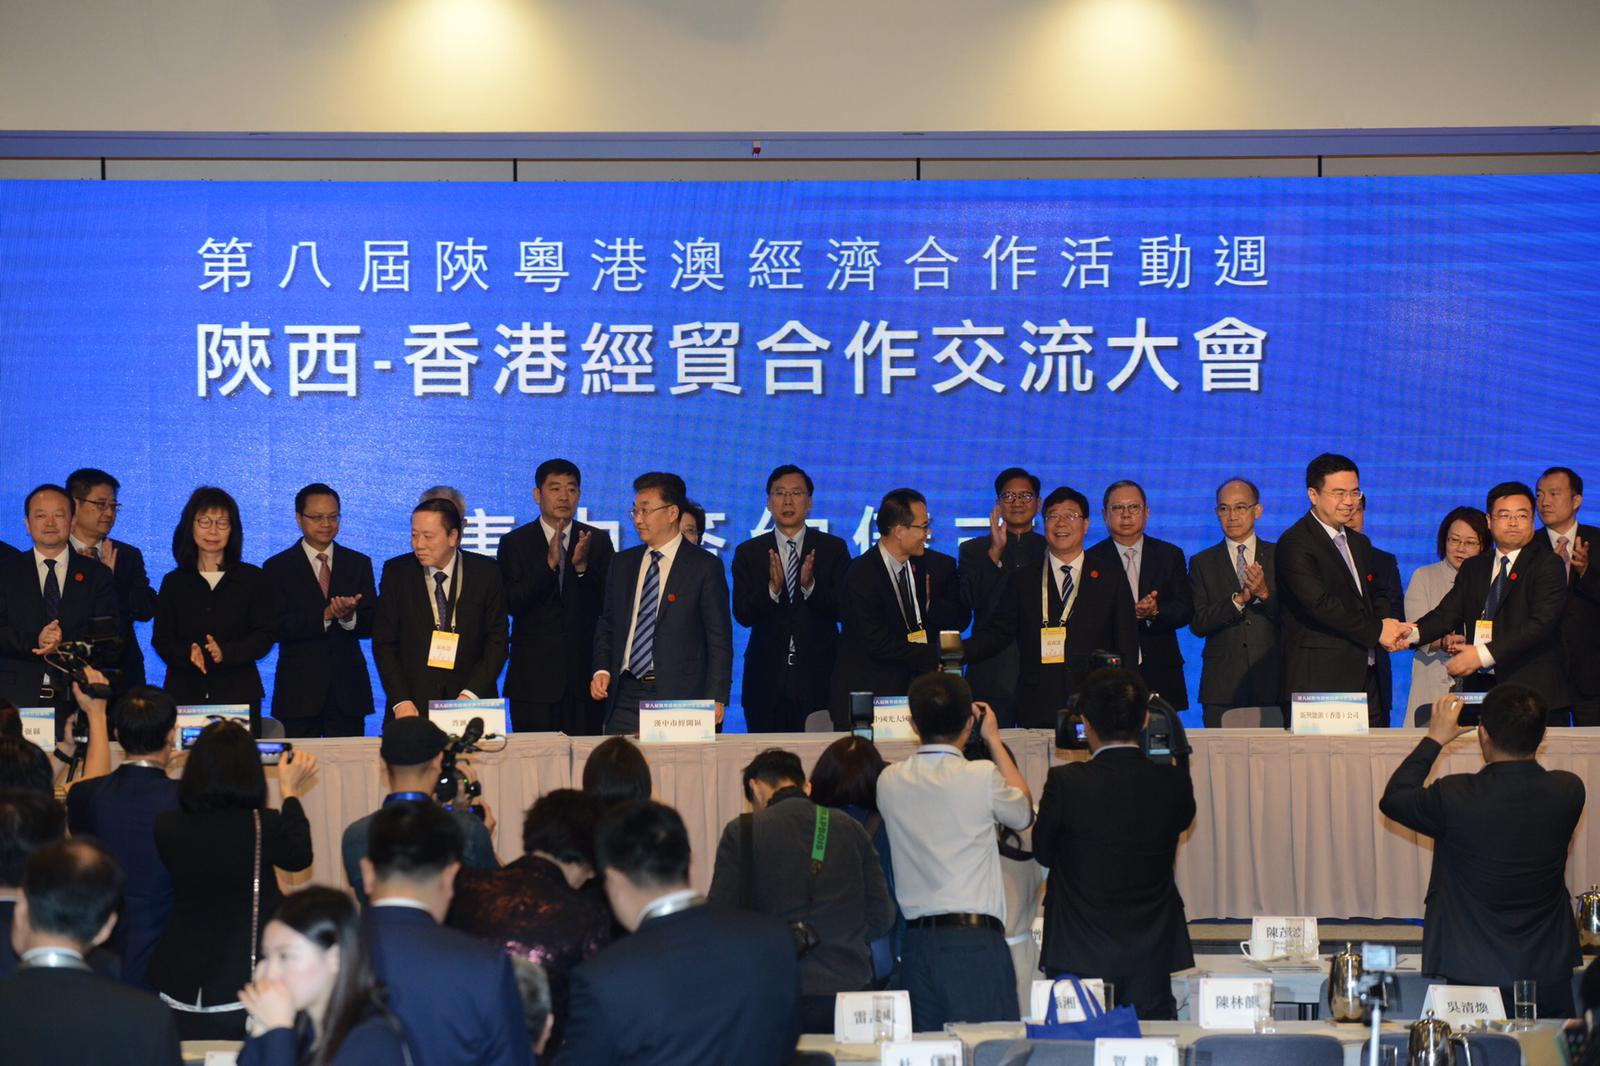 財政司司長陳茂波出席陝西—香港經貿合作交流大會。